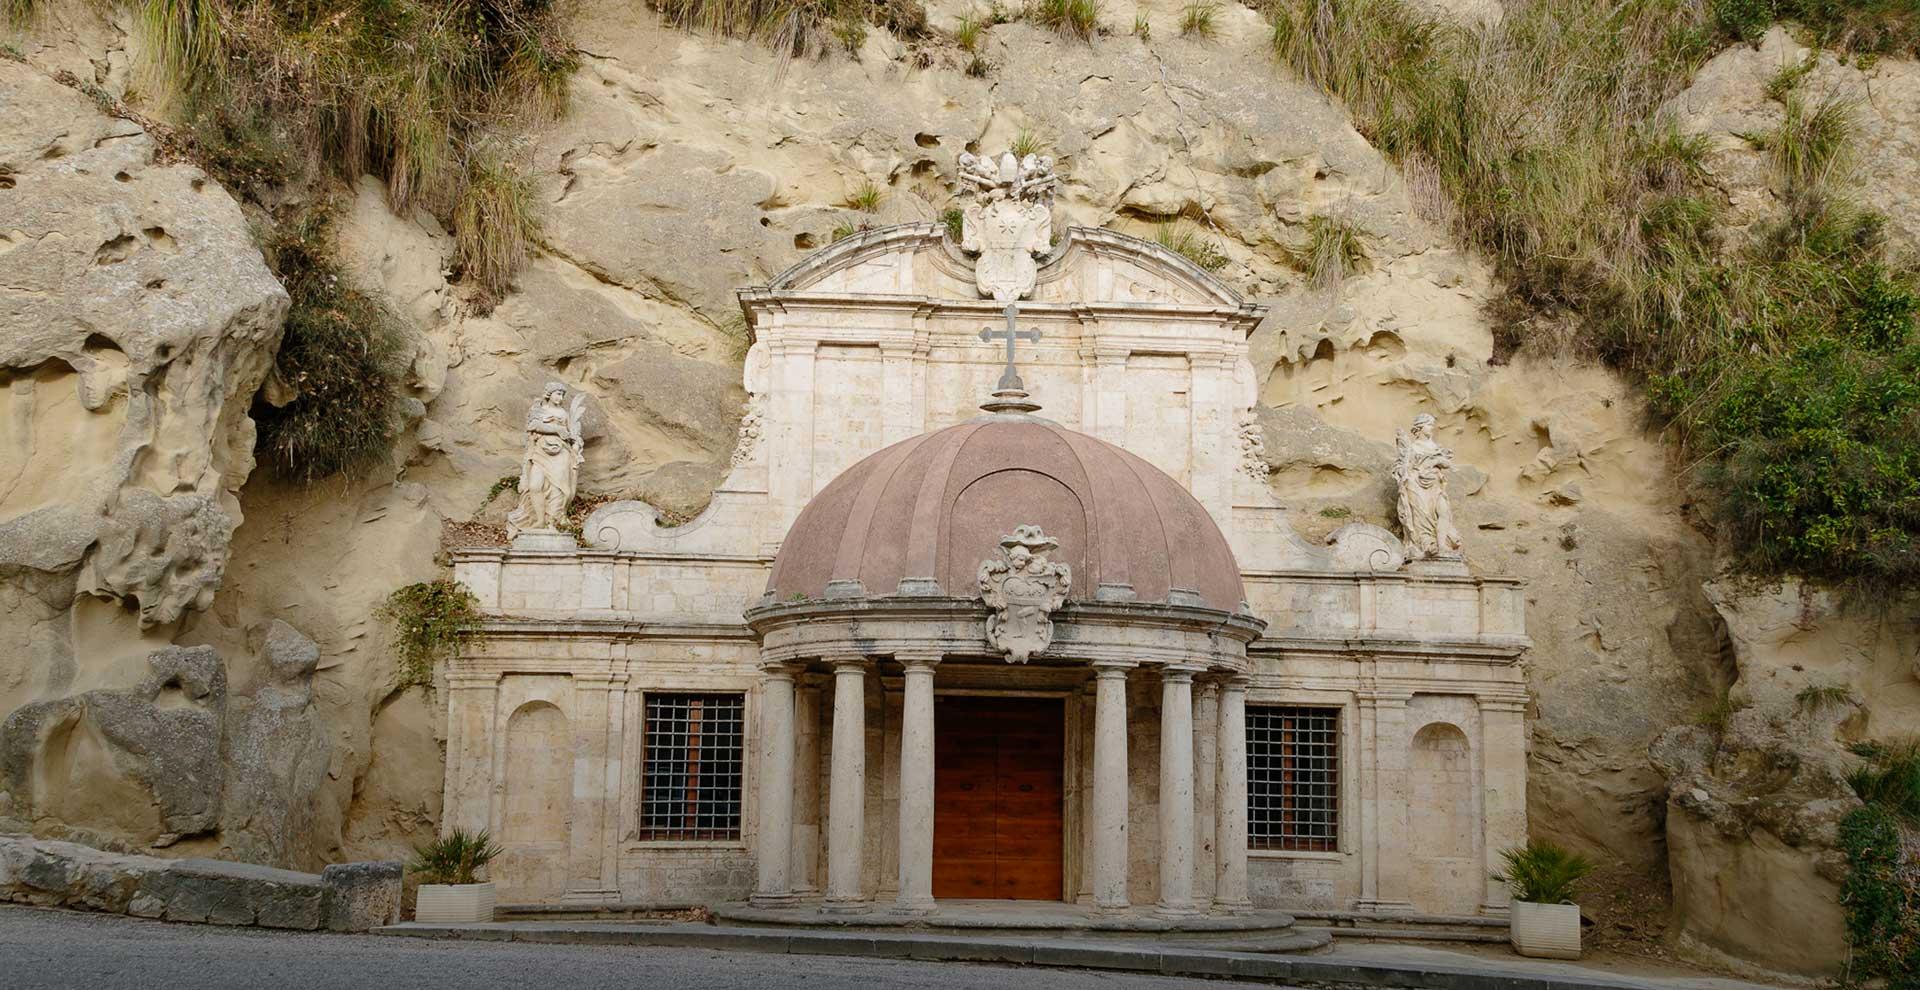 sant-emidio-alle-grotte